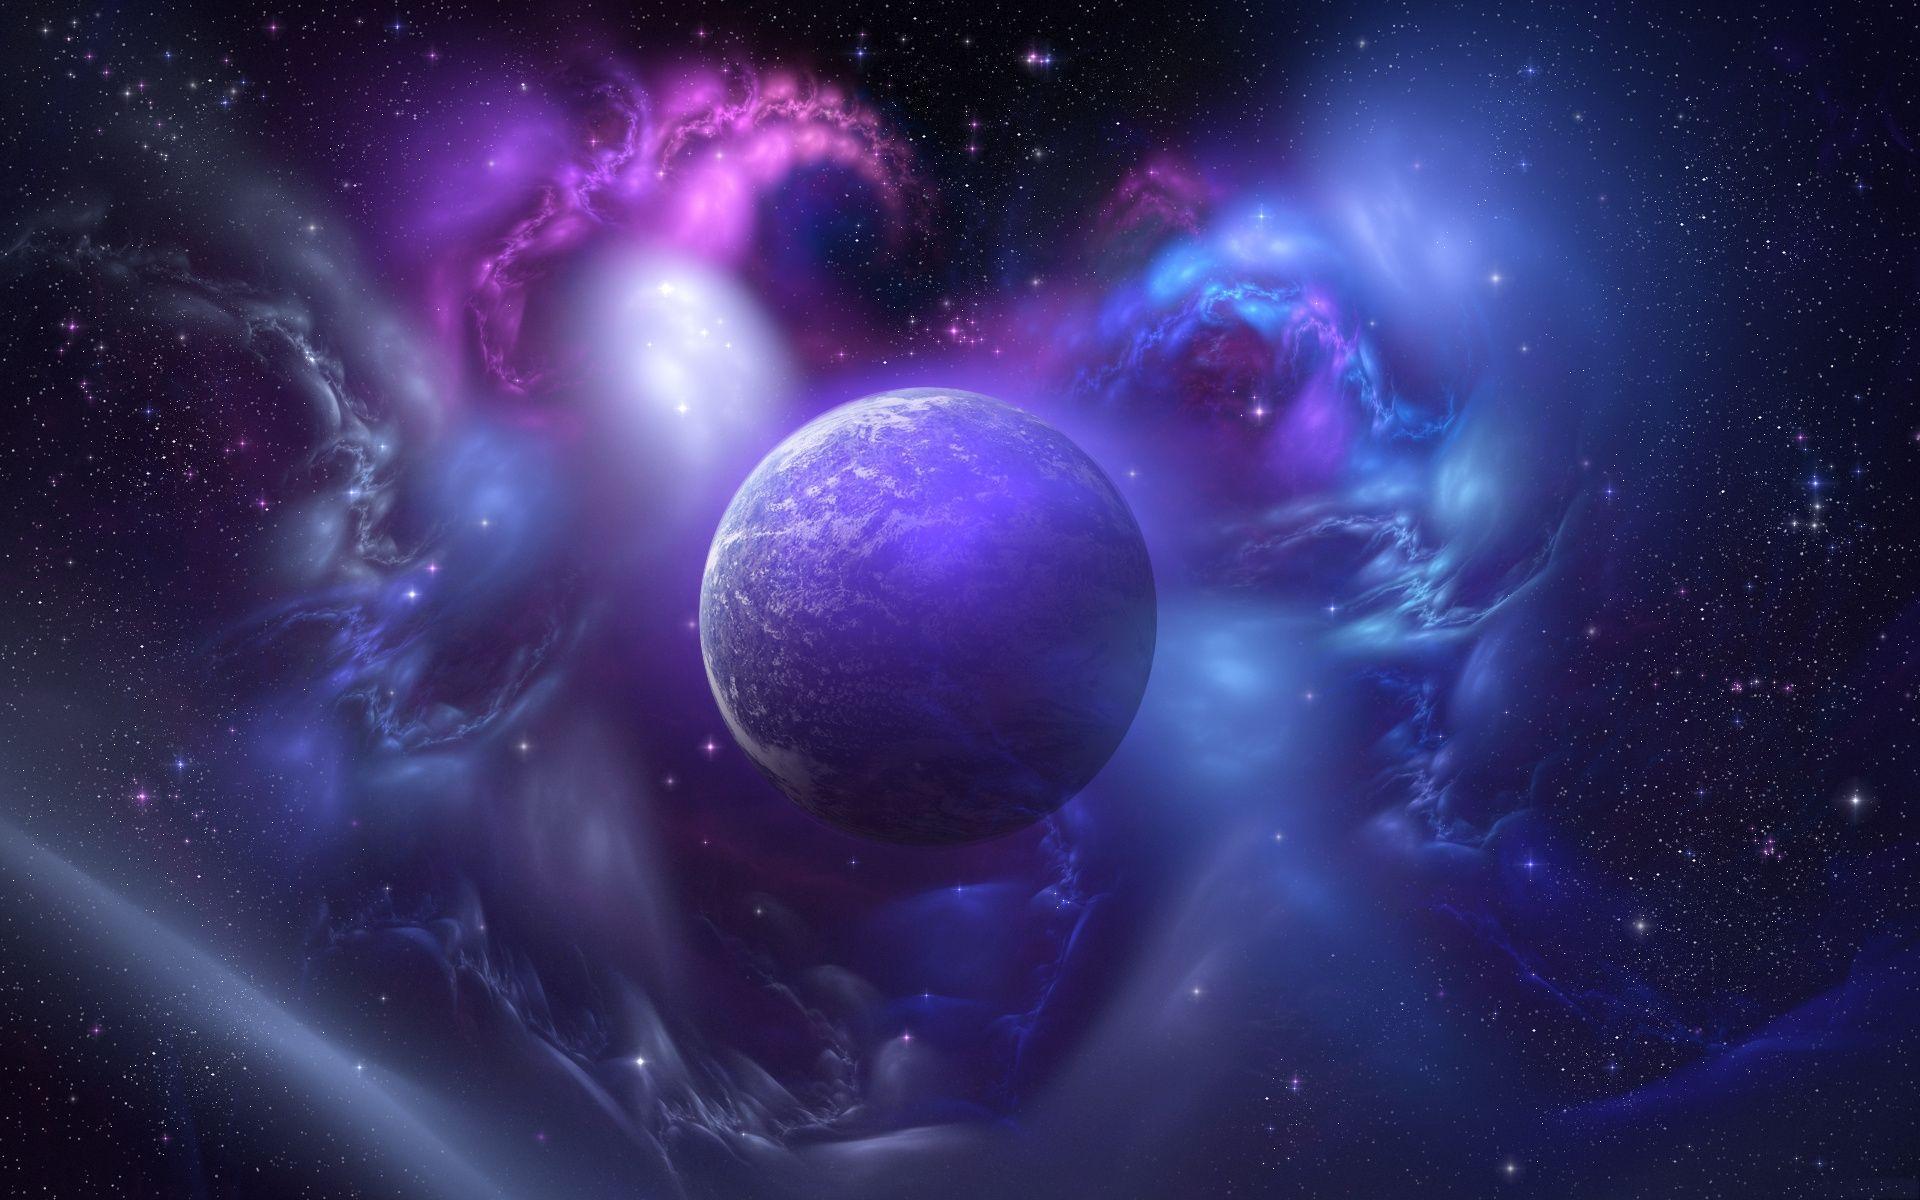 1920x1200 thiên hà tumblr.  Galaxy Print.  Galaxy in và hình nền